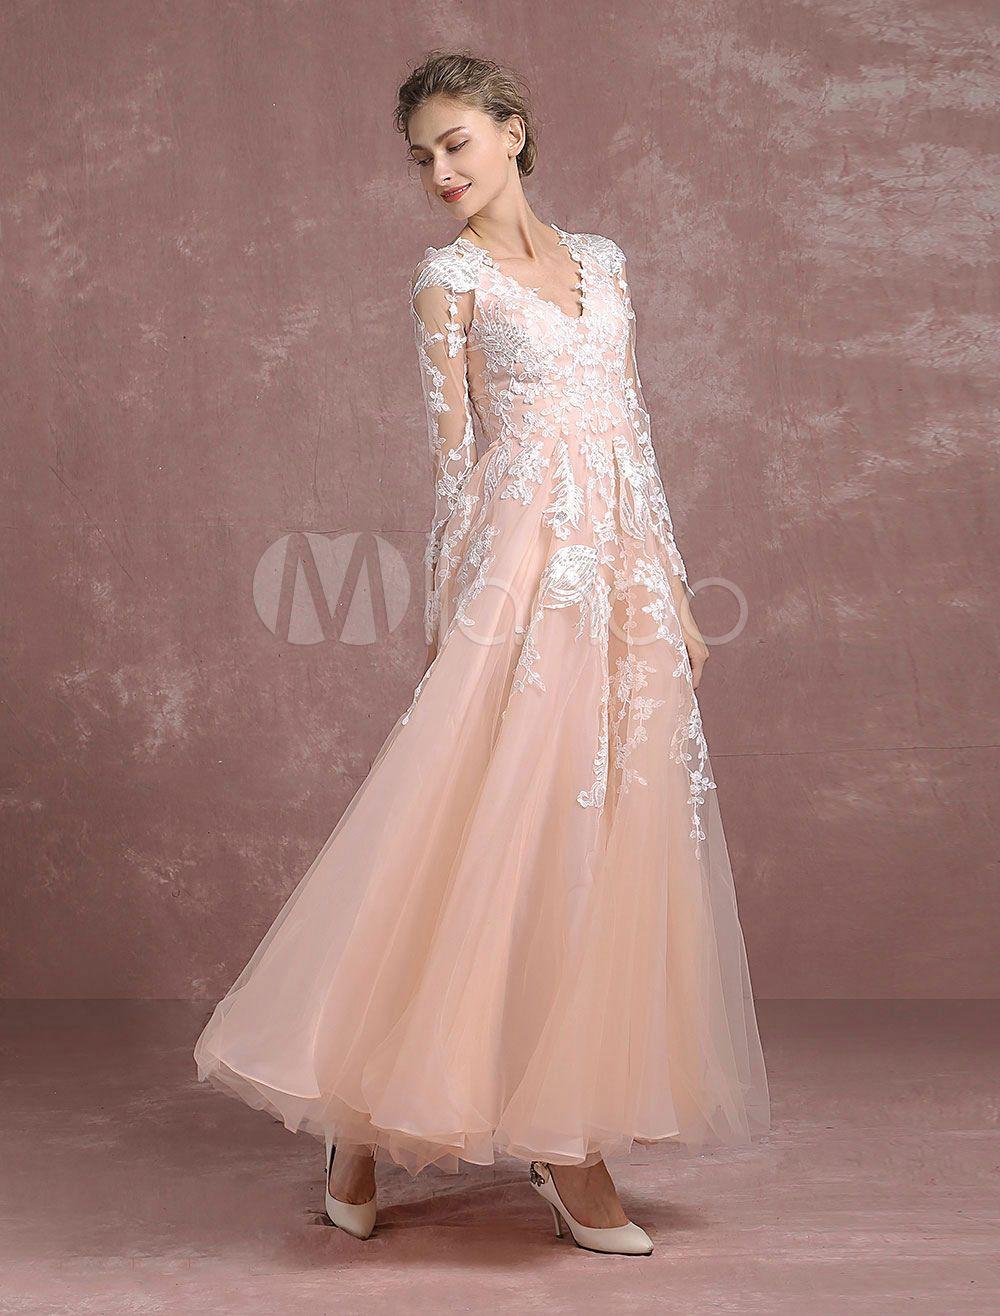 Lace prom dress a line floor length homecoming dress v neck applique